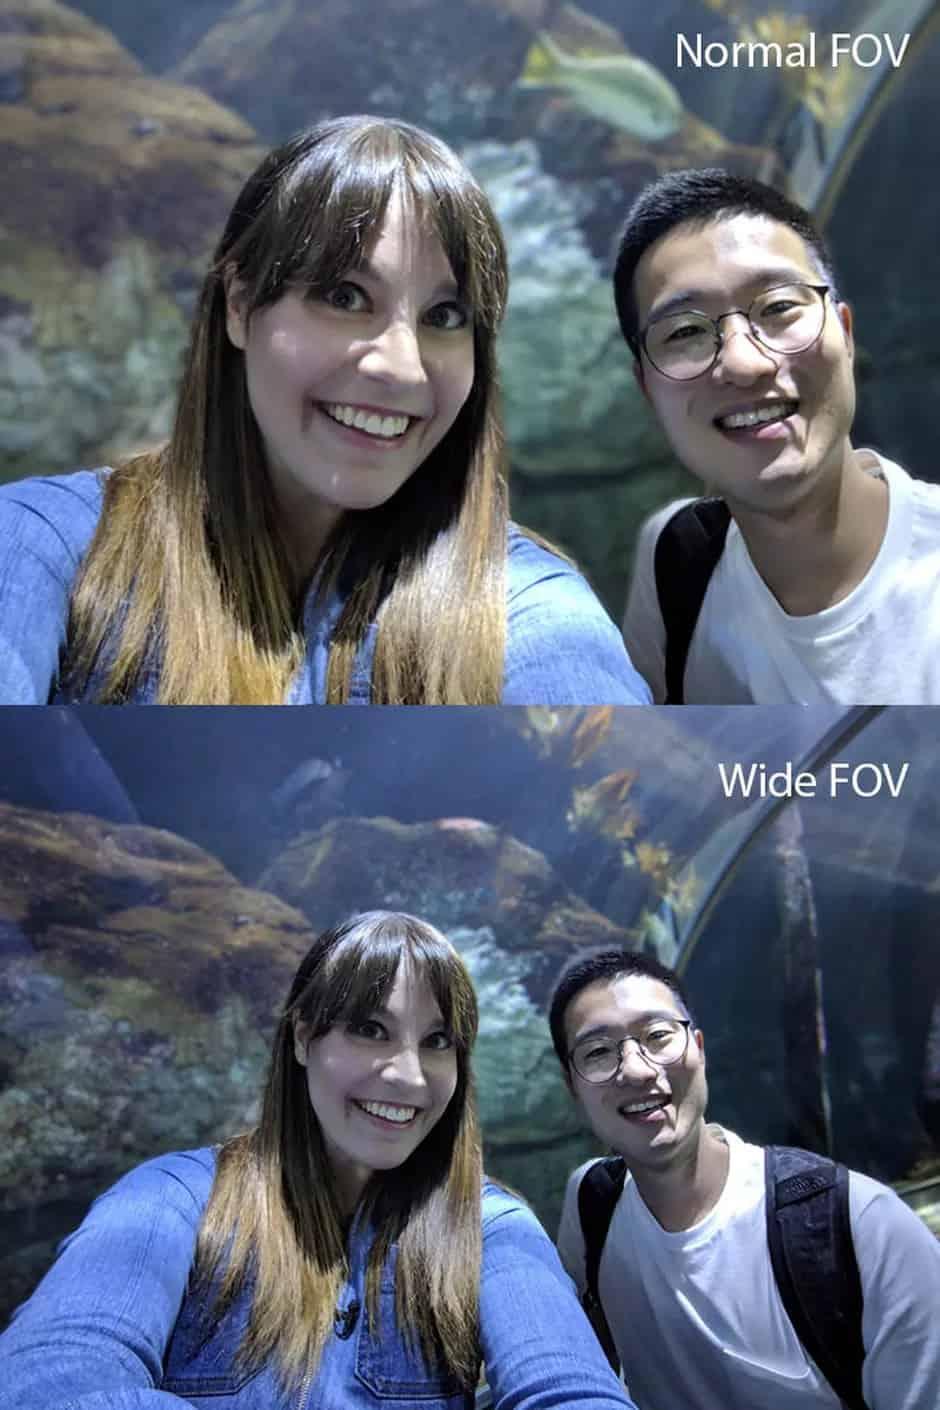 Pixel 3 selfie cam